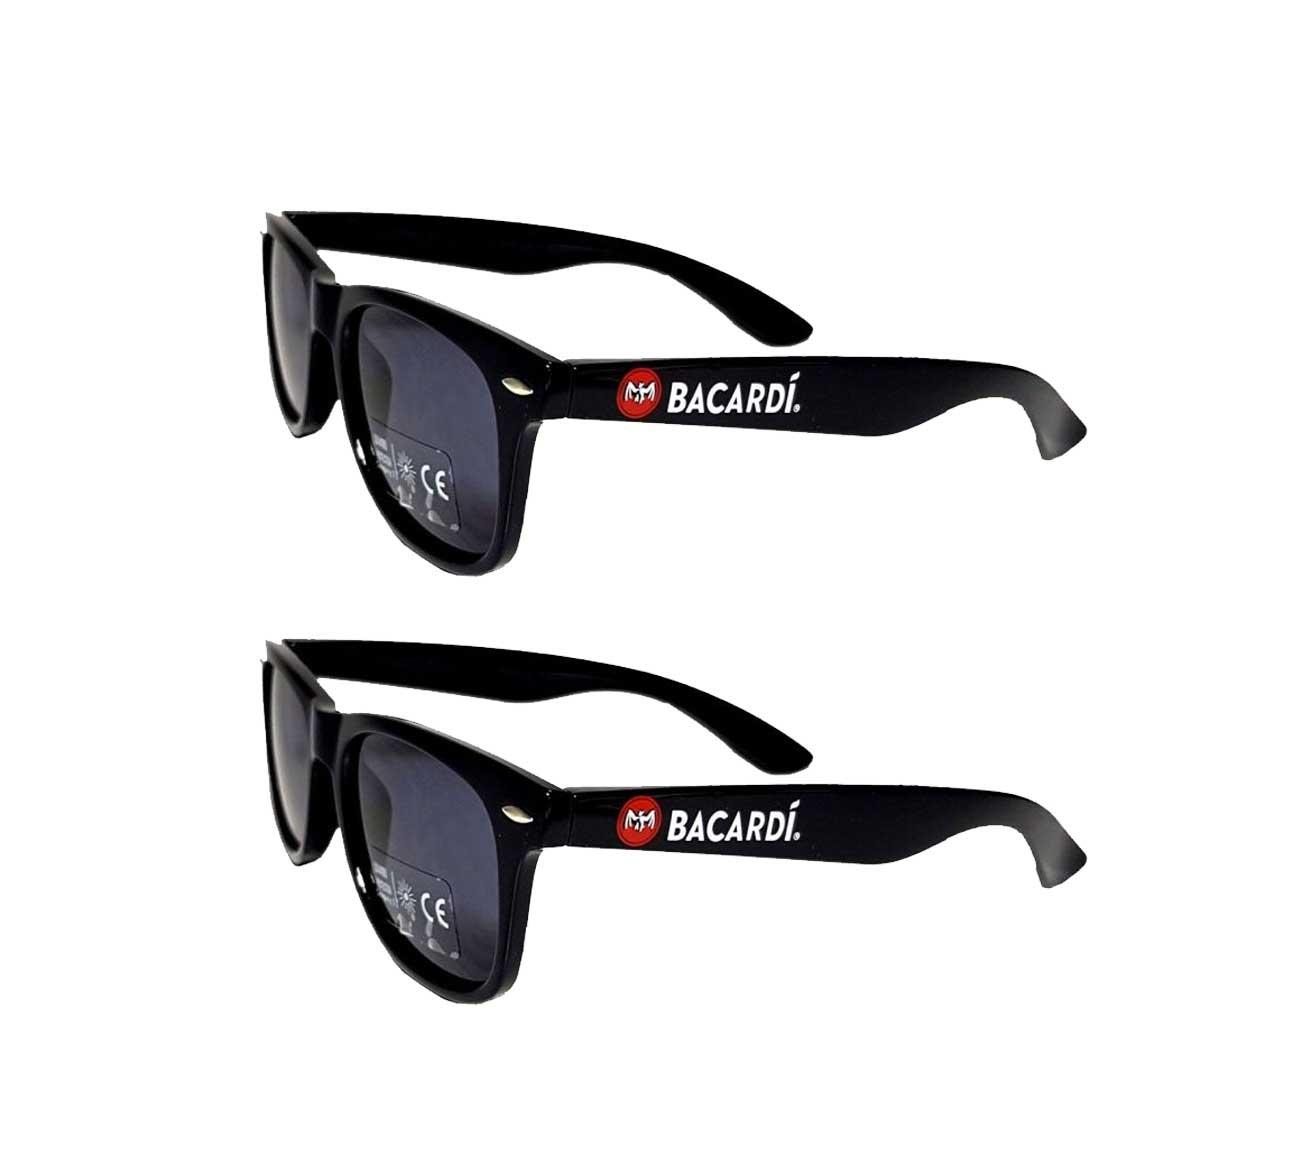 Bacardi Sonnenbrille Partybrille Nerd Brille Aktion - 2 Stück